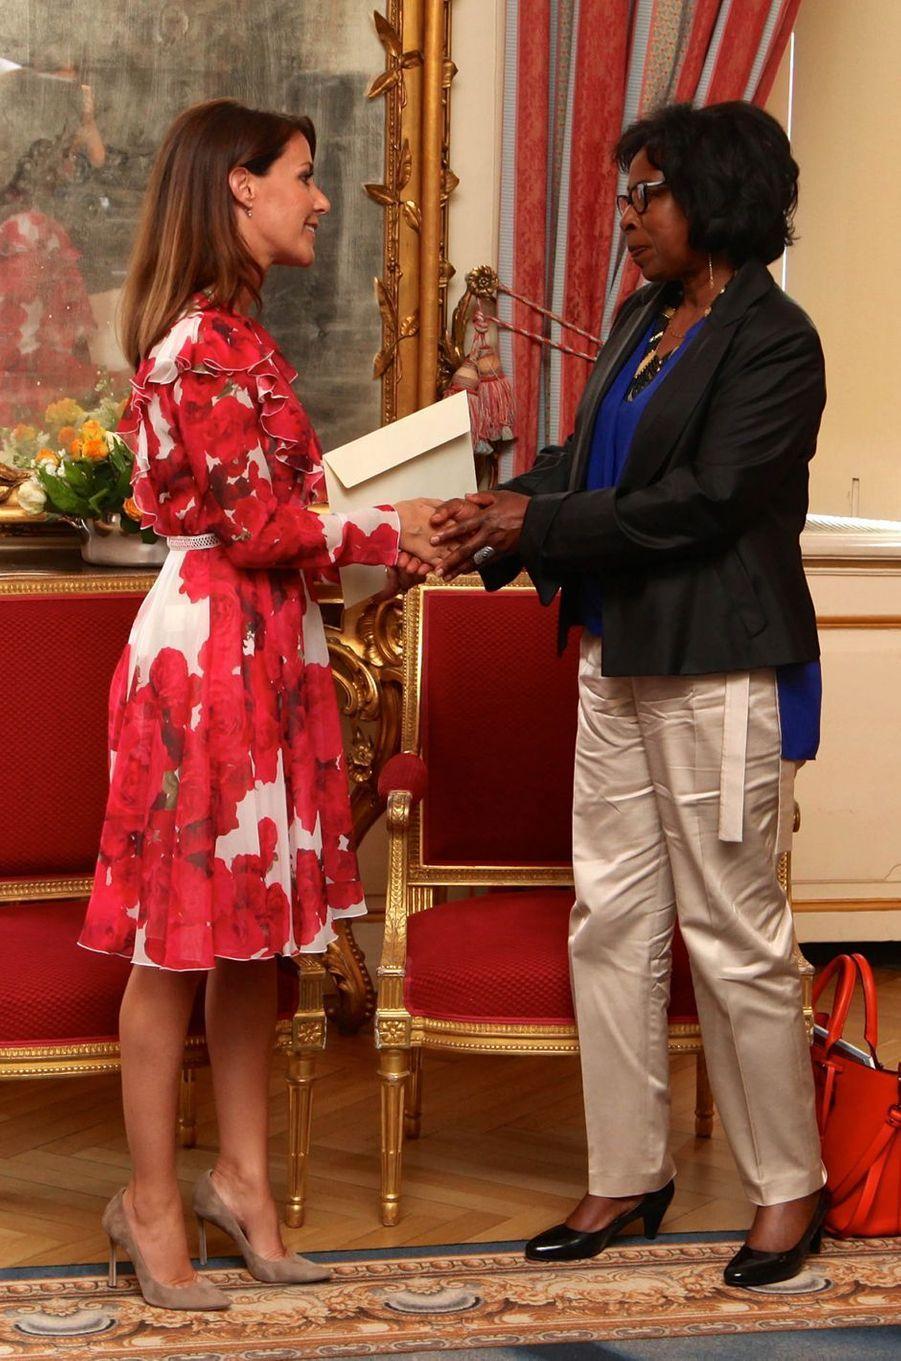 La princesse Marie de Danemark et l'écrivaine Scholastique Mukasonga à Copenhague, le 8 juin 2017